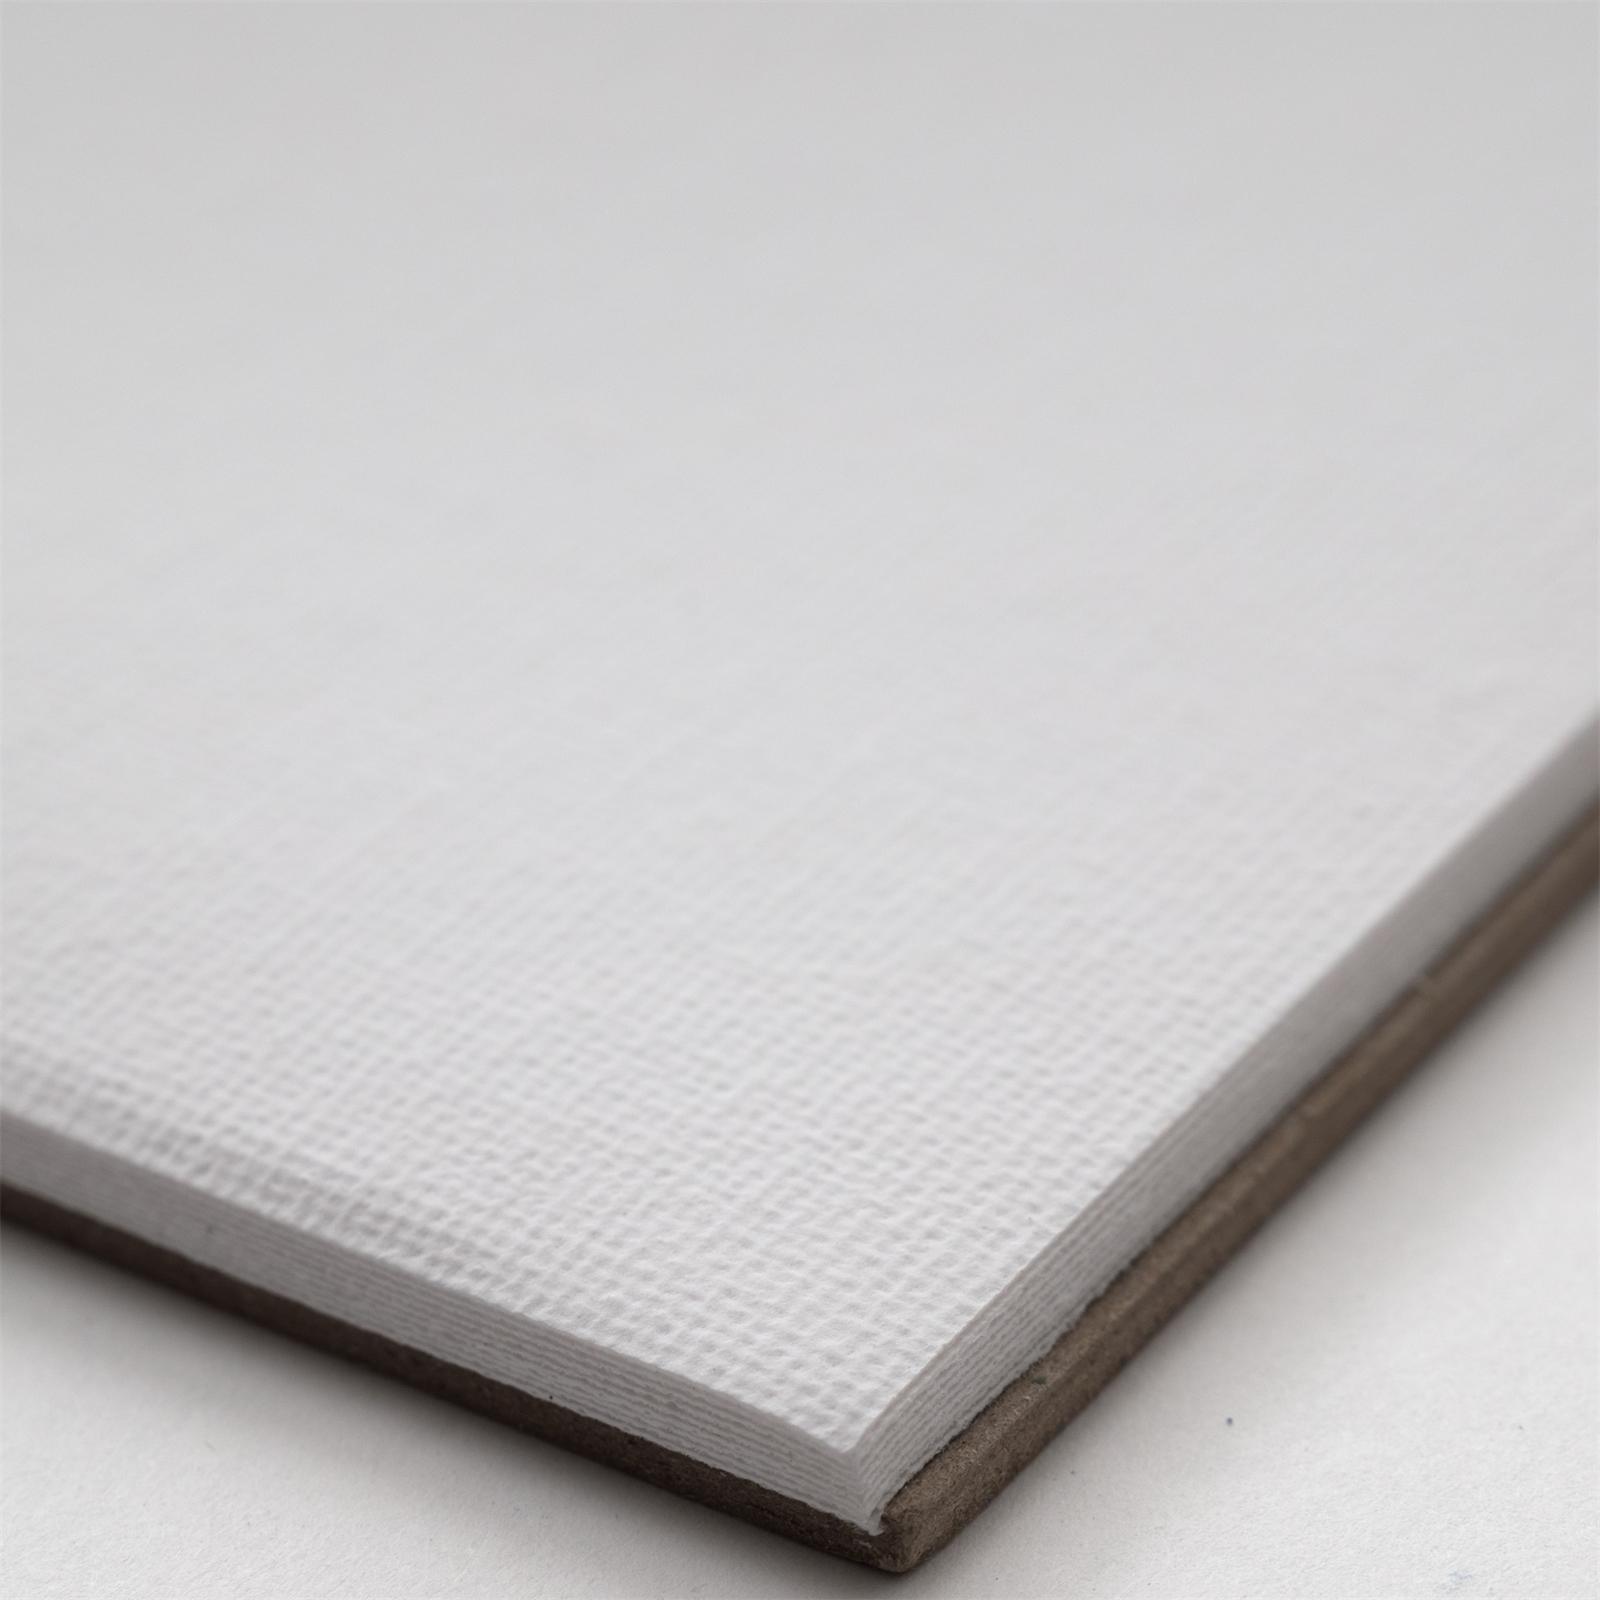 HOCHWERTIGER-LEINWAND-BLOCK-265-gsm-Baumwolle-A3-10-Blatt-Maltuch miniatuur 3